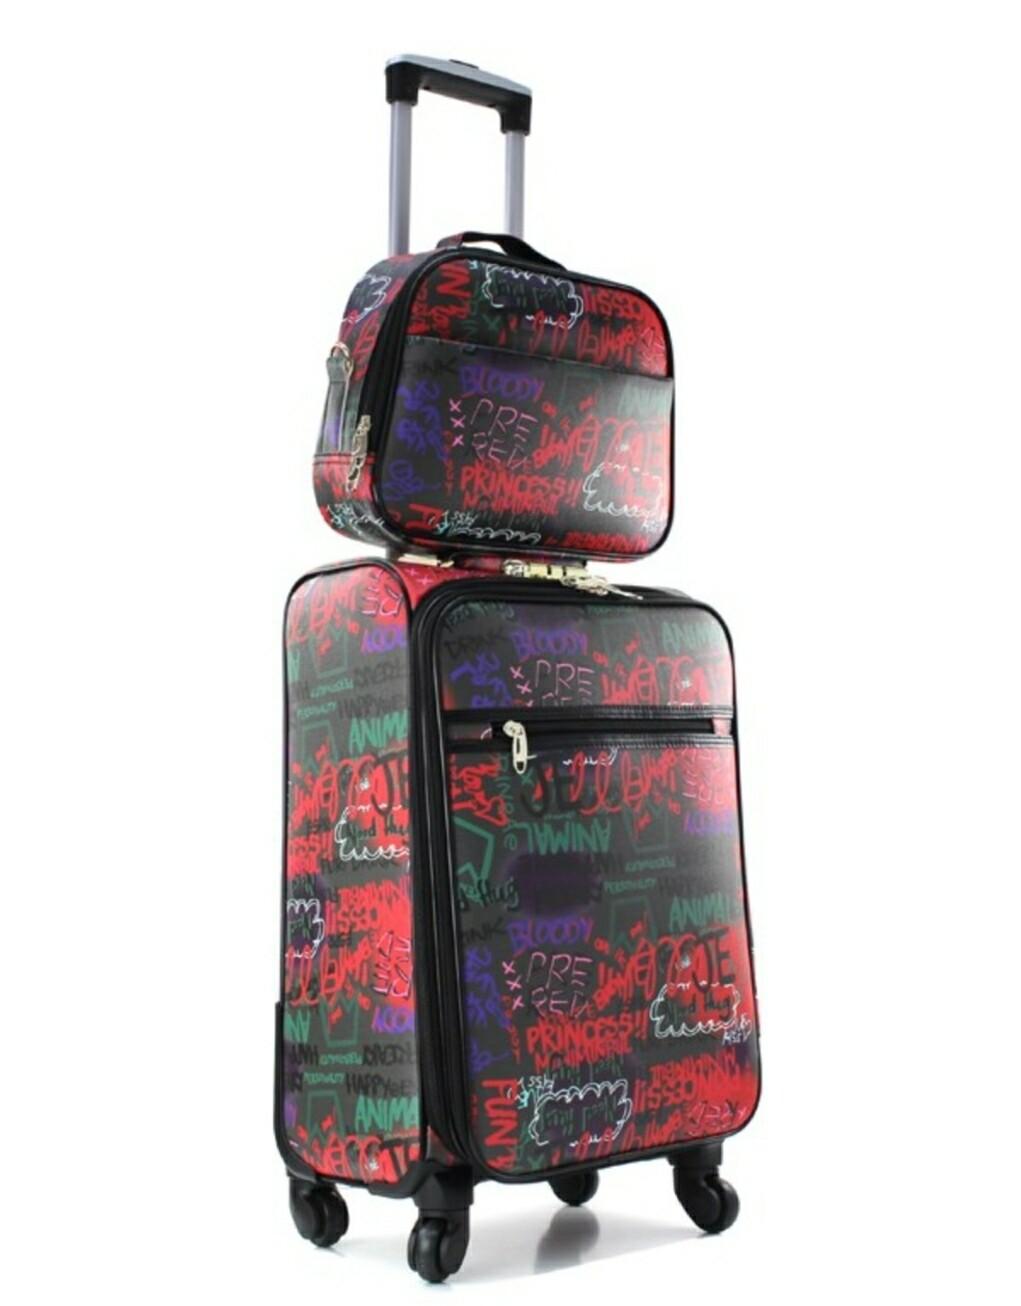 Graffiti 2 pc Luggage Set